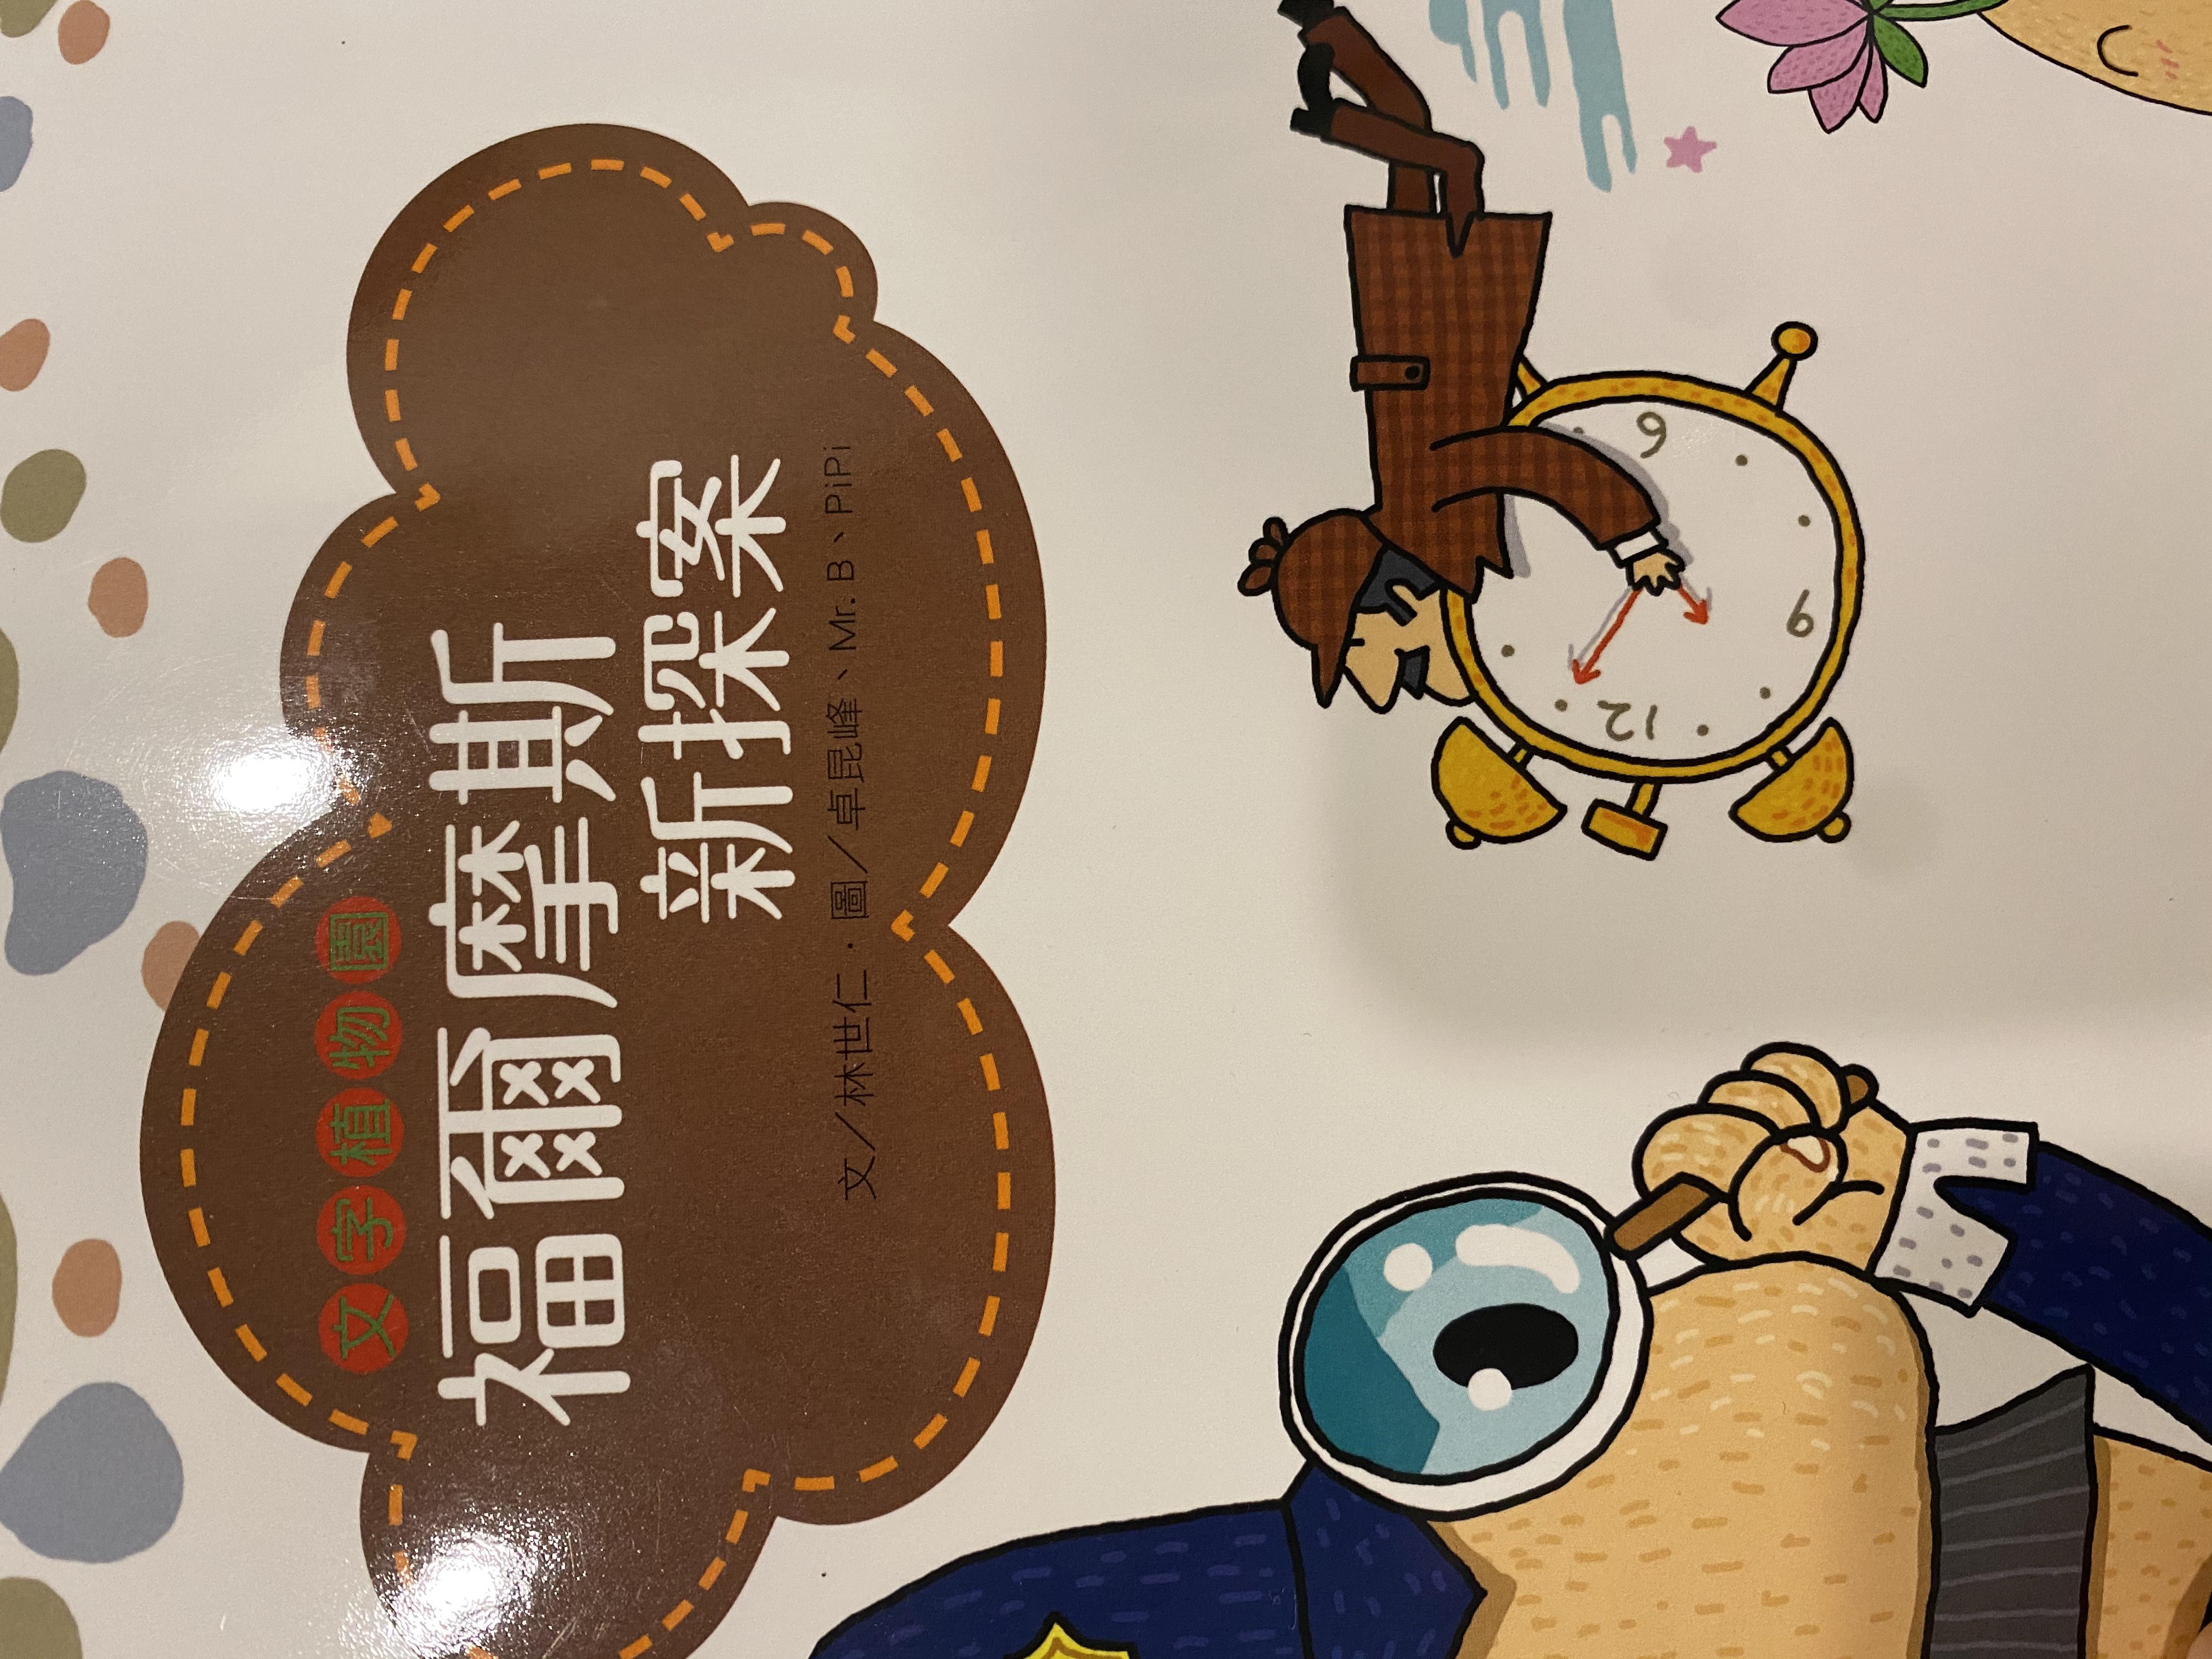 S3-099/福爾摩斯新探案/ 文字植物園/ 福爾摩斯新探案/ 文 林世仁/ 圖 卓昆峰 Mr. B, Pi Pi/ 親子天下